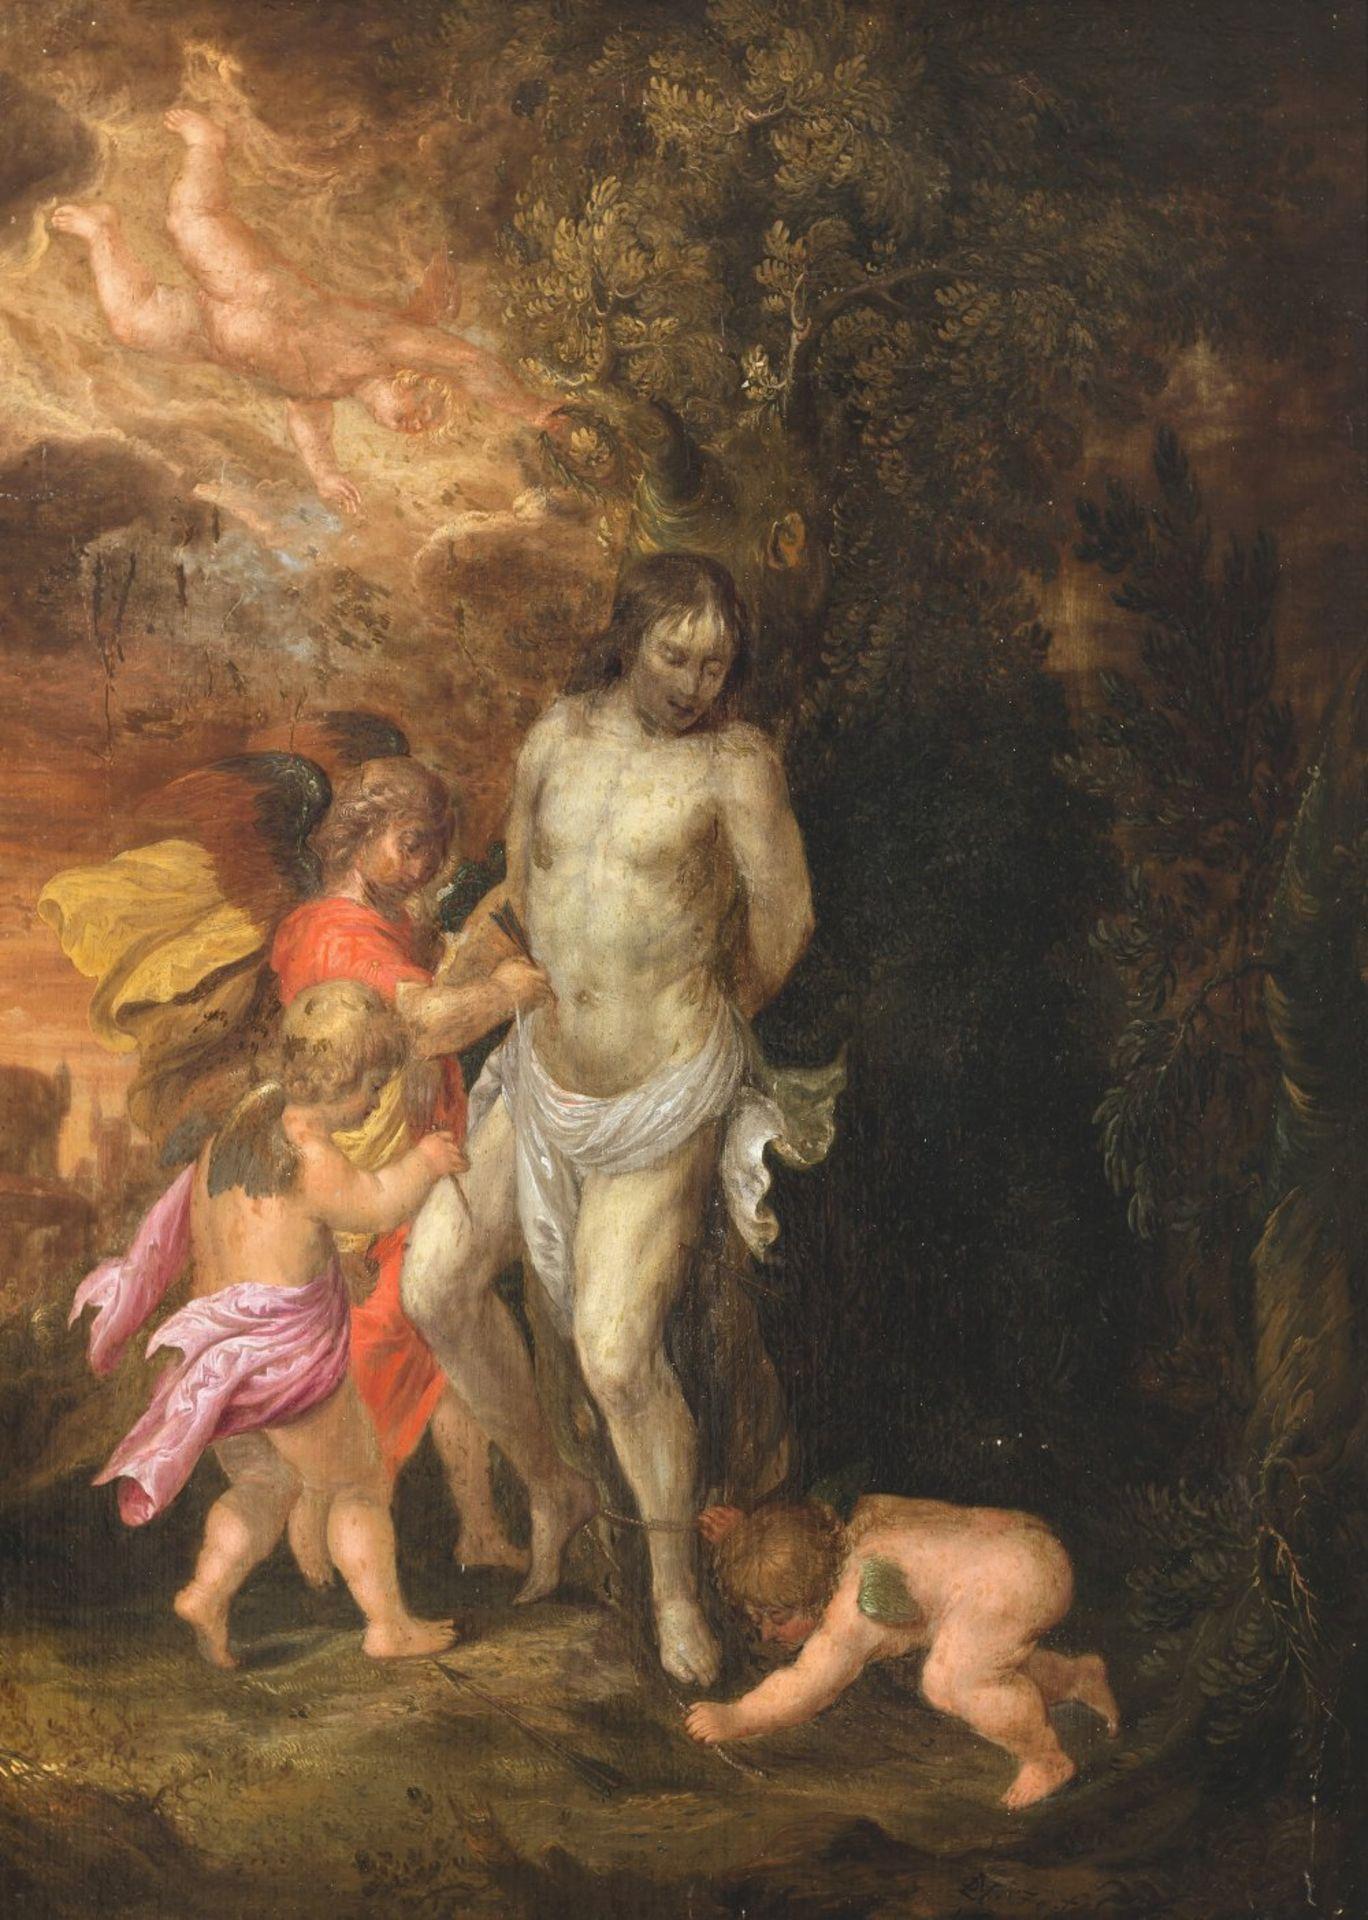 Niederländischer Monogrammist17. Jh. Heiliger Sebastian, von Putten umgeben. Öl/Holz. 41 x 32 cm.